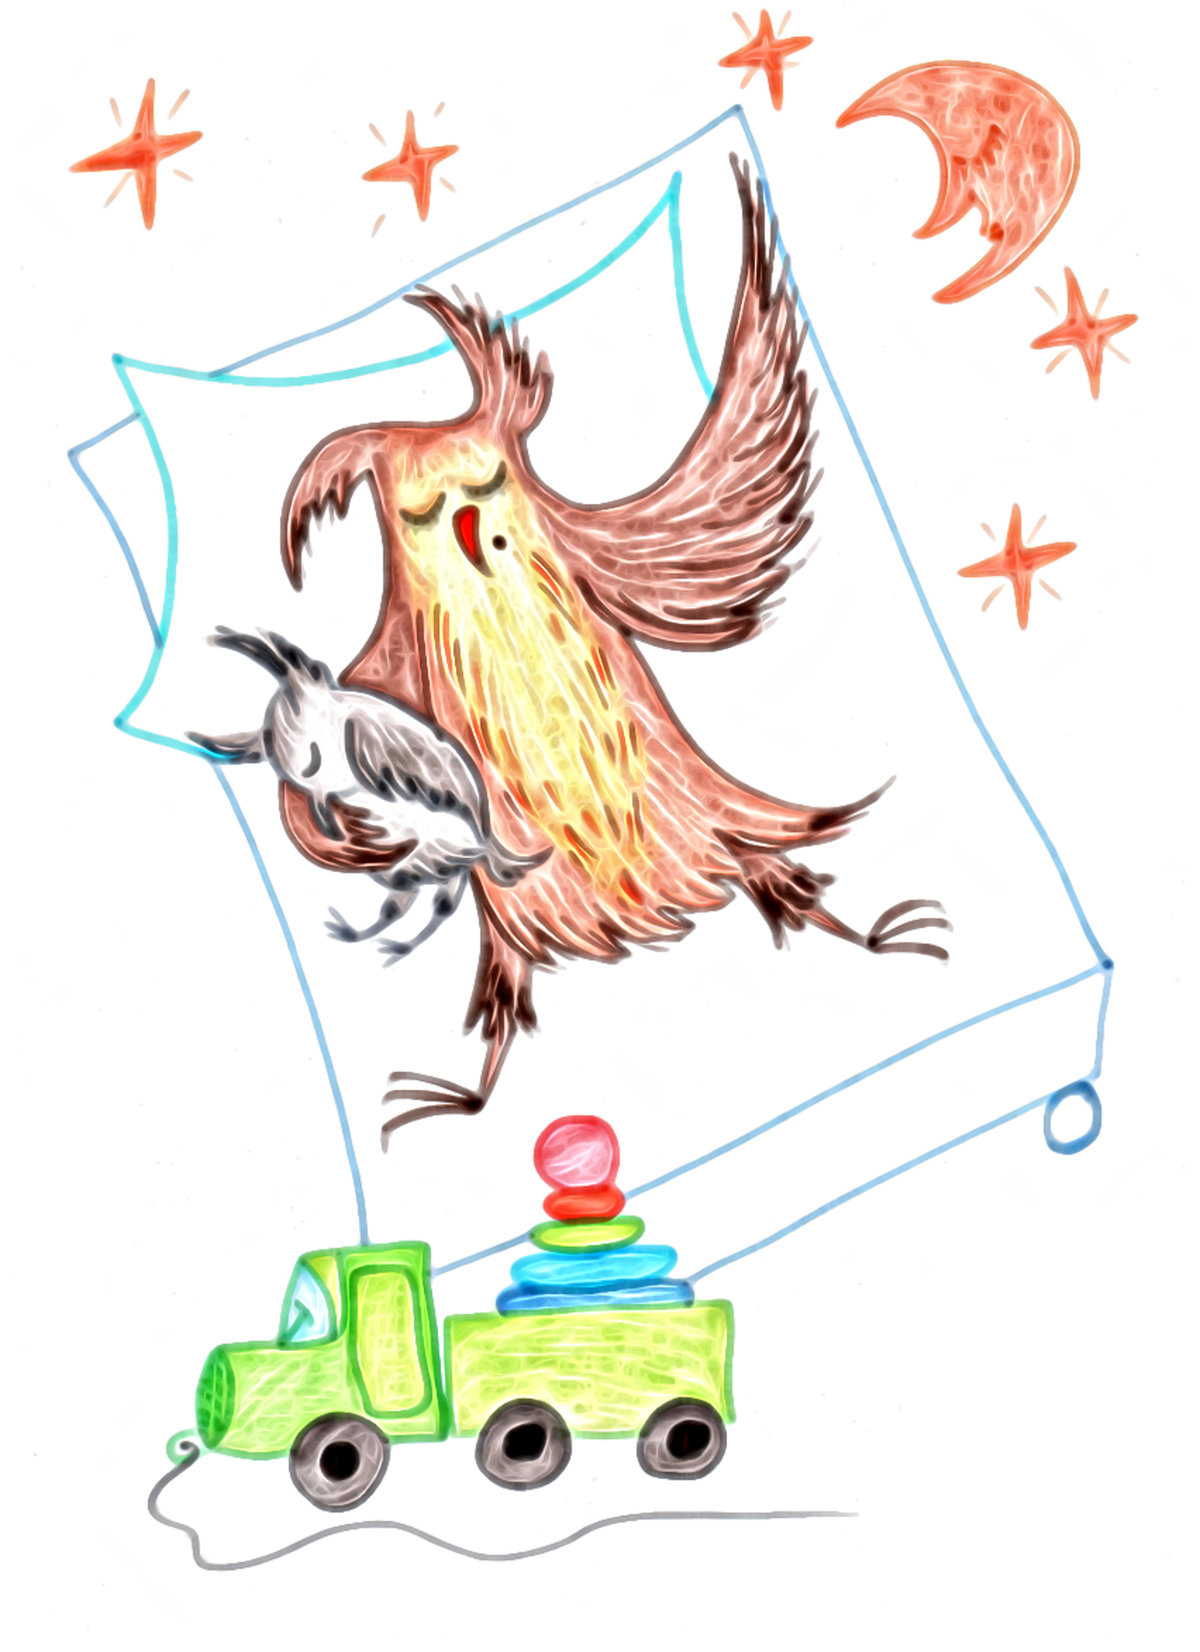 Красивые открытки бесплатно для вас, Beautiful postcards are free for you, p_i_r_a_n_y_a - Сова Ульяна. Сладкий сон